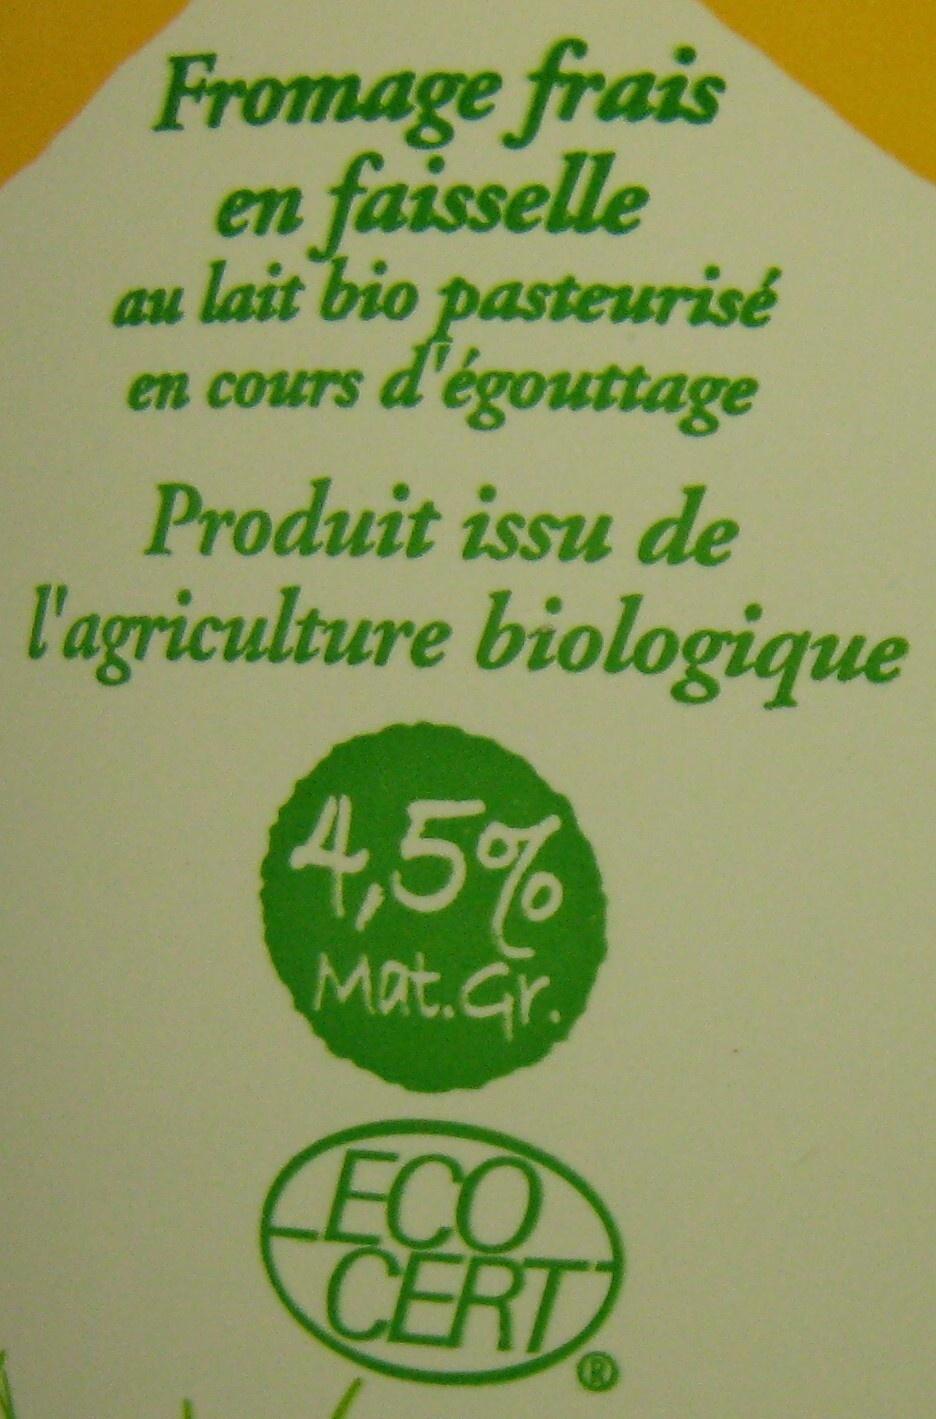 Faisselle Bio (4,5 % MG) - Ingrédients - fr